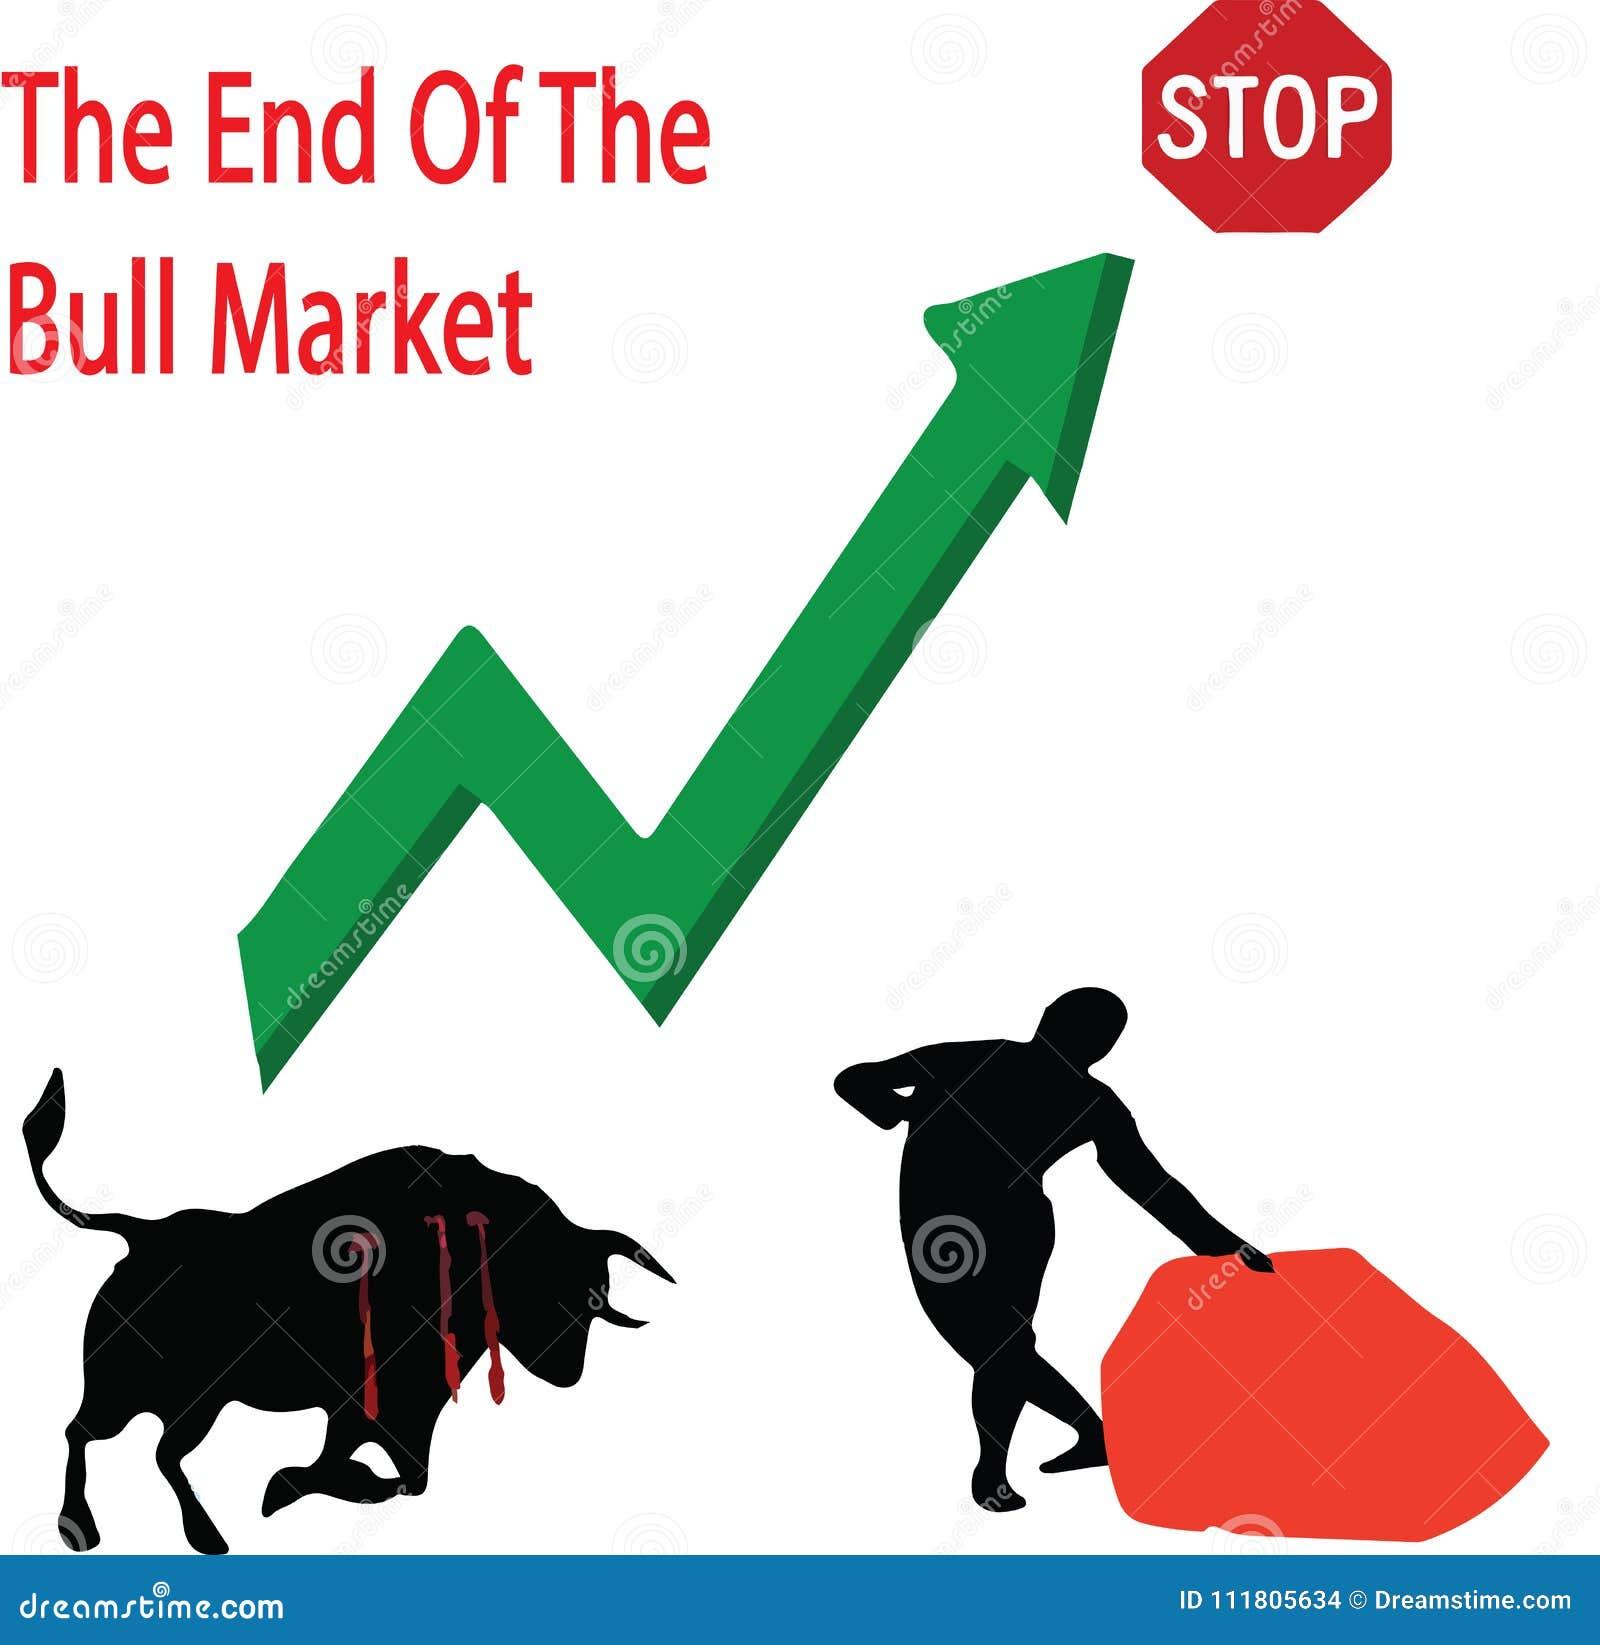 The End Of The Bull Market Stock Illustration Illustration Of Bull